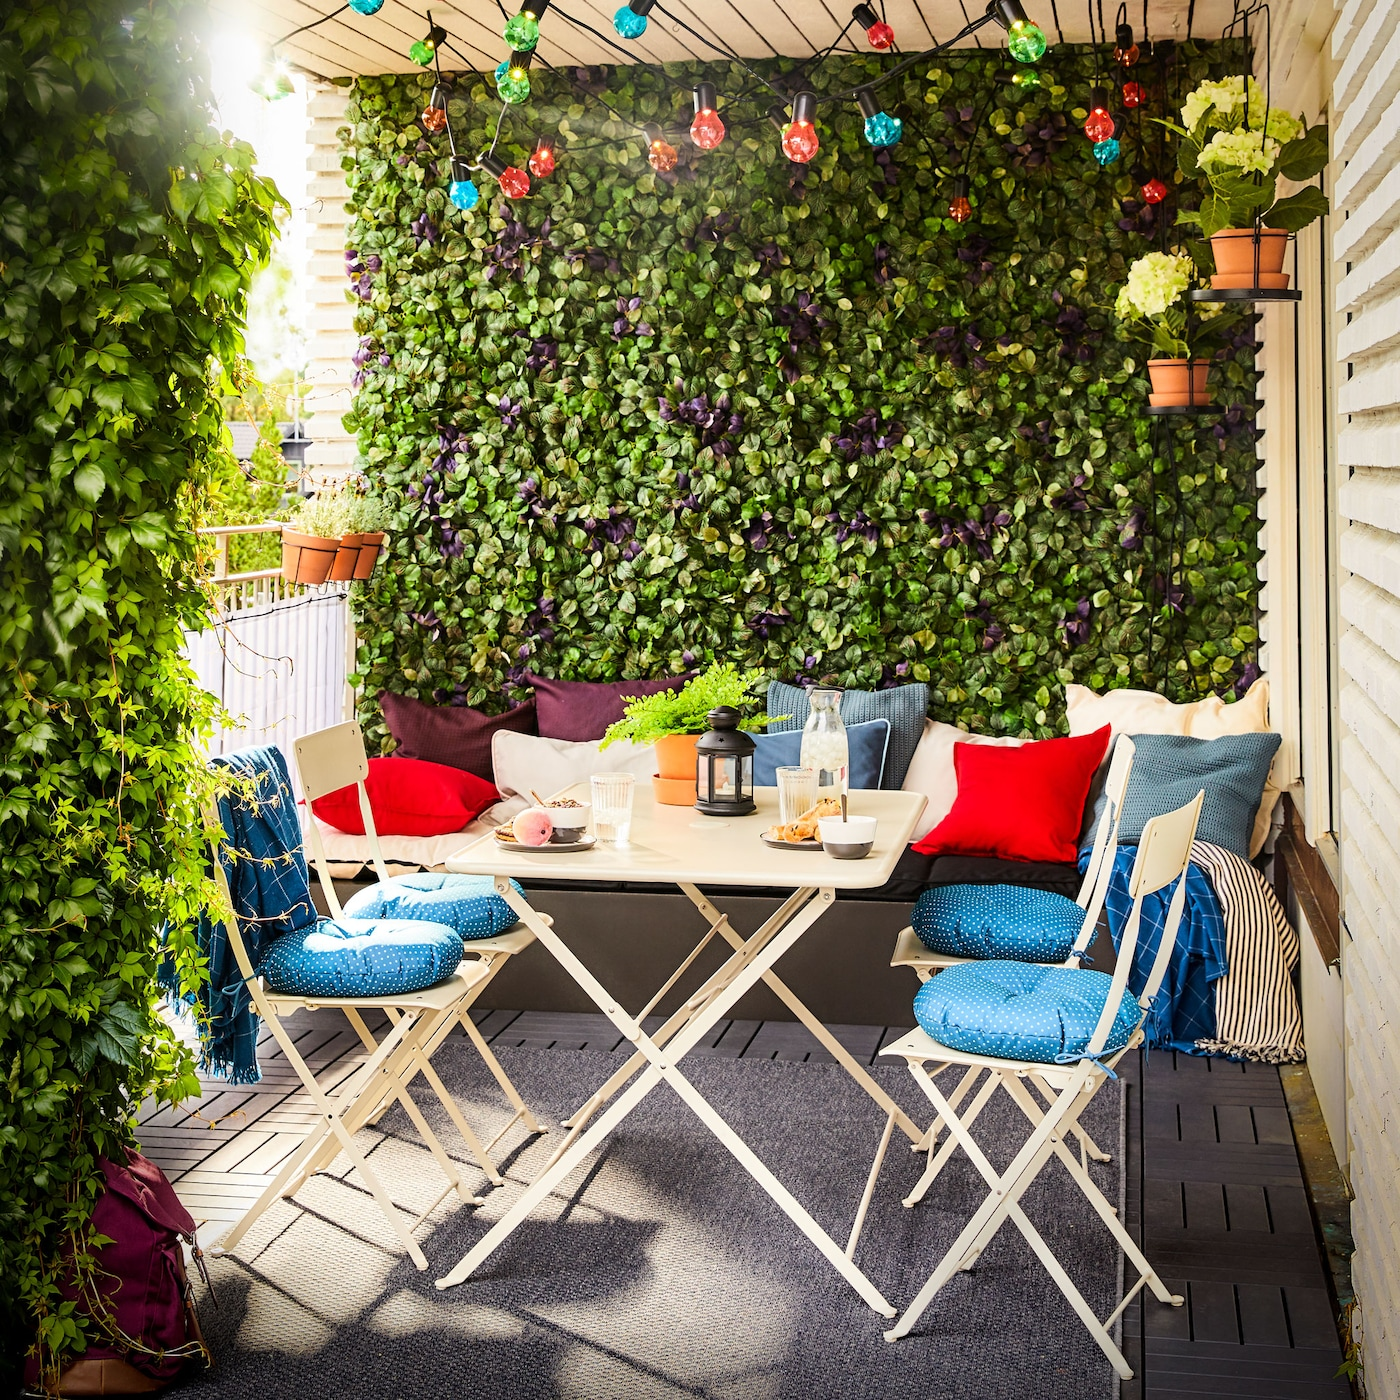 Een balkon met SALTHOLMEN tafel en vier beige stoelen. Felgekleurde kussens en lichtslingers geven een levendig tintje.